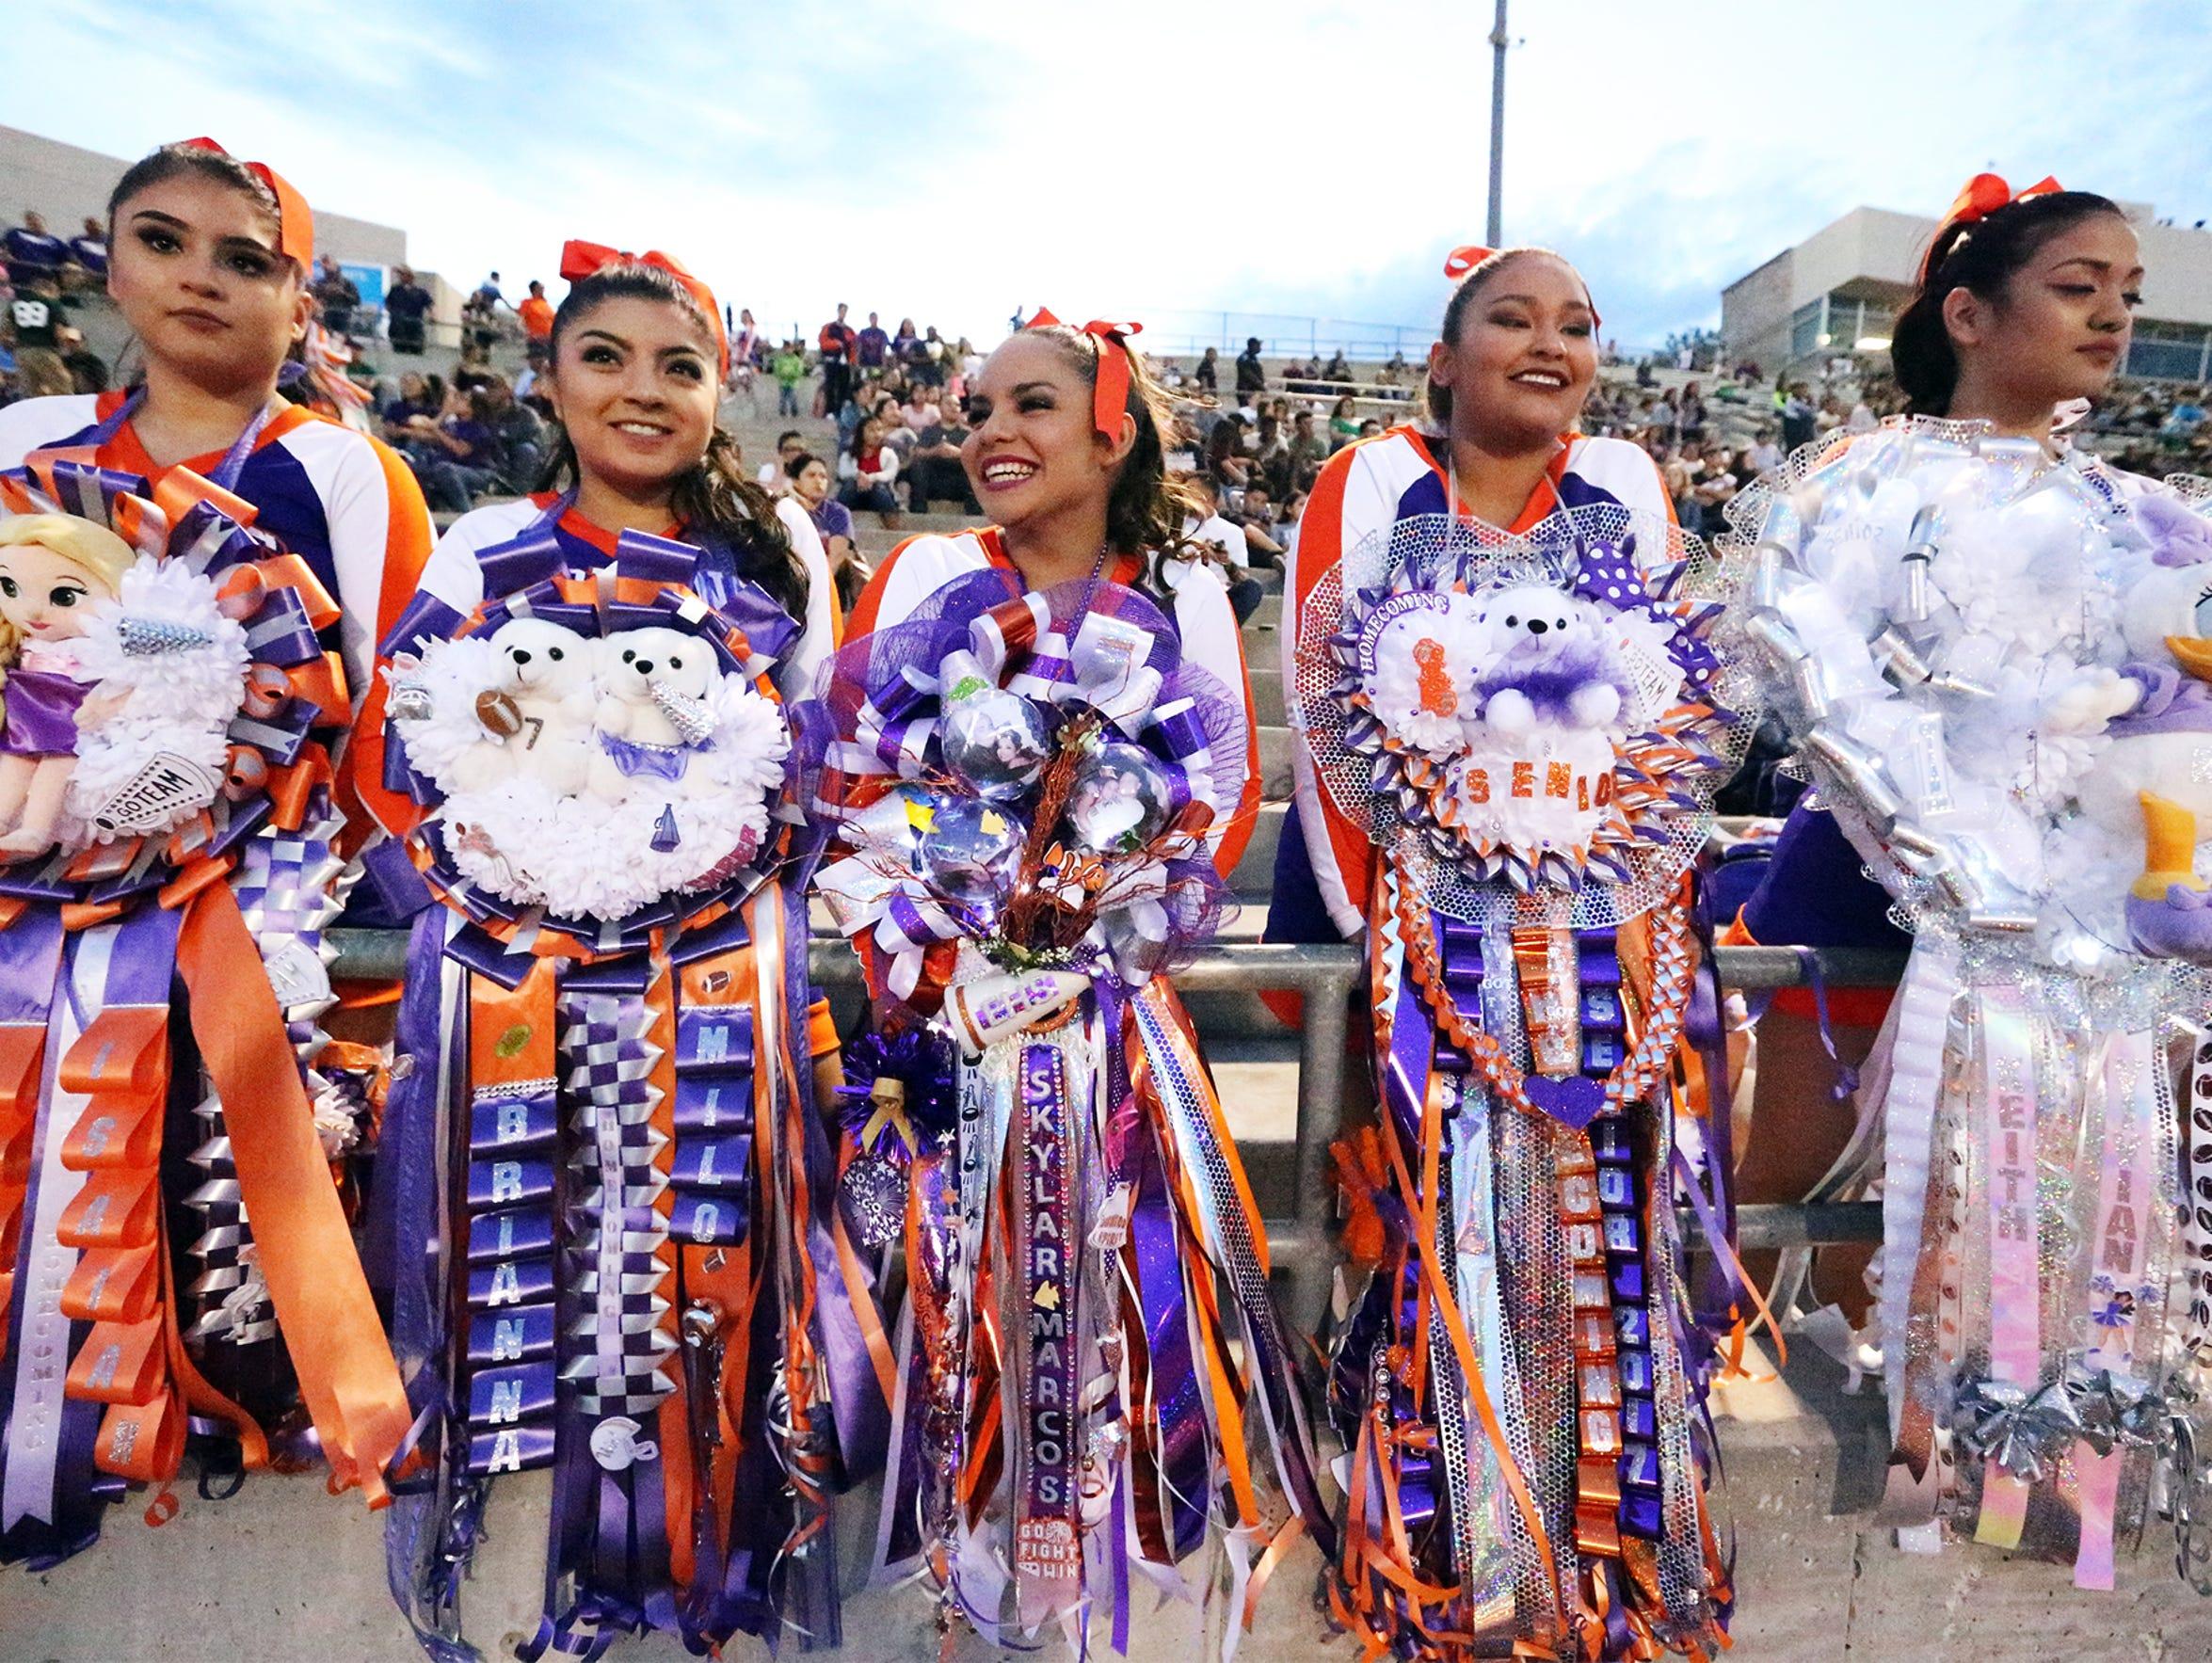 Eastlake cheerleaders wear their mums before the start